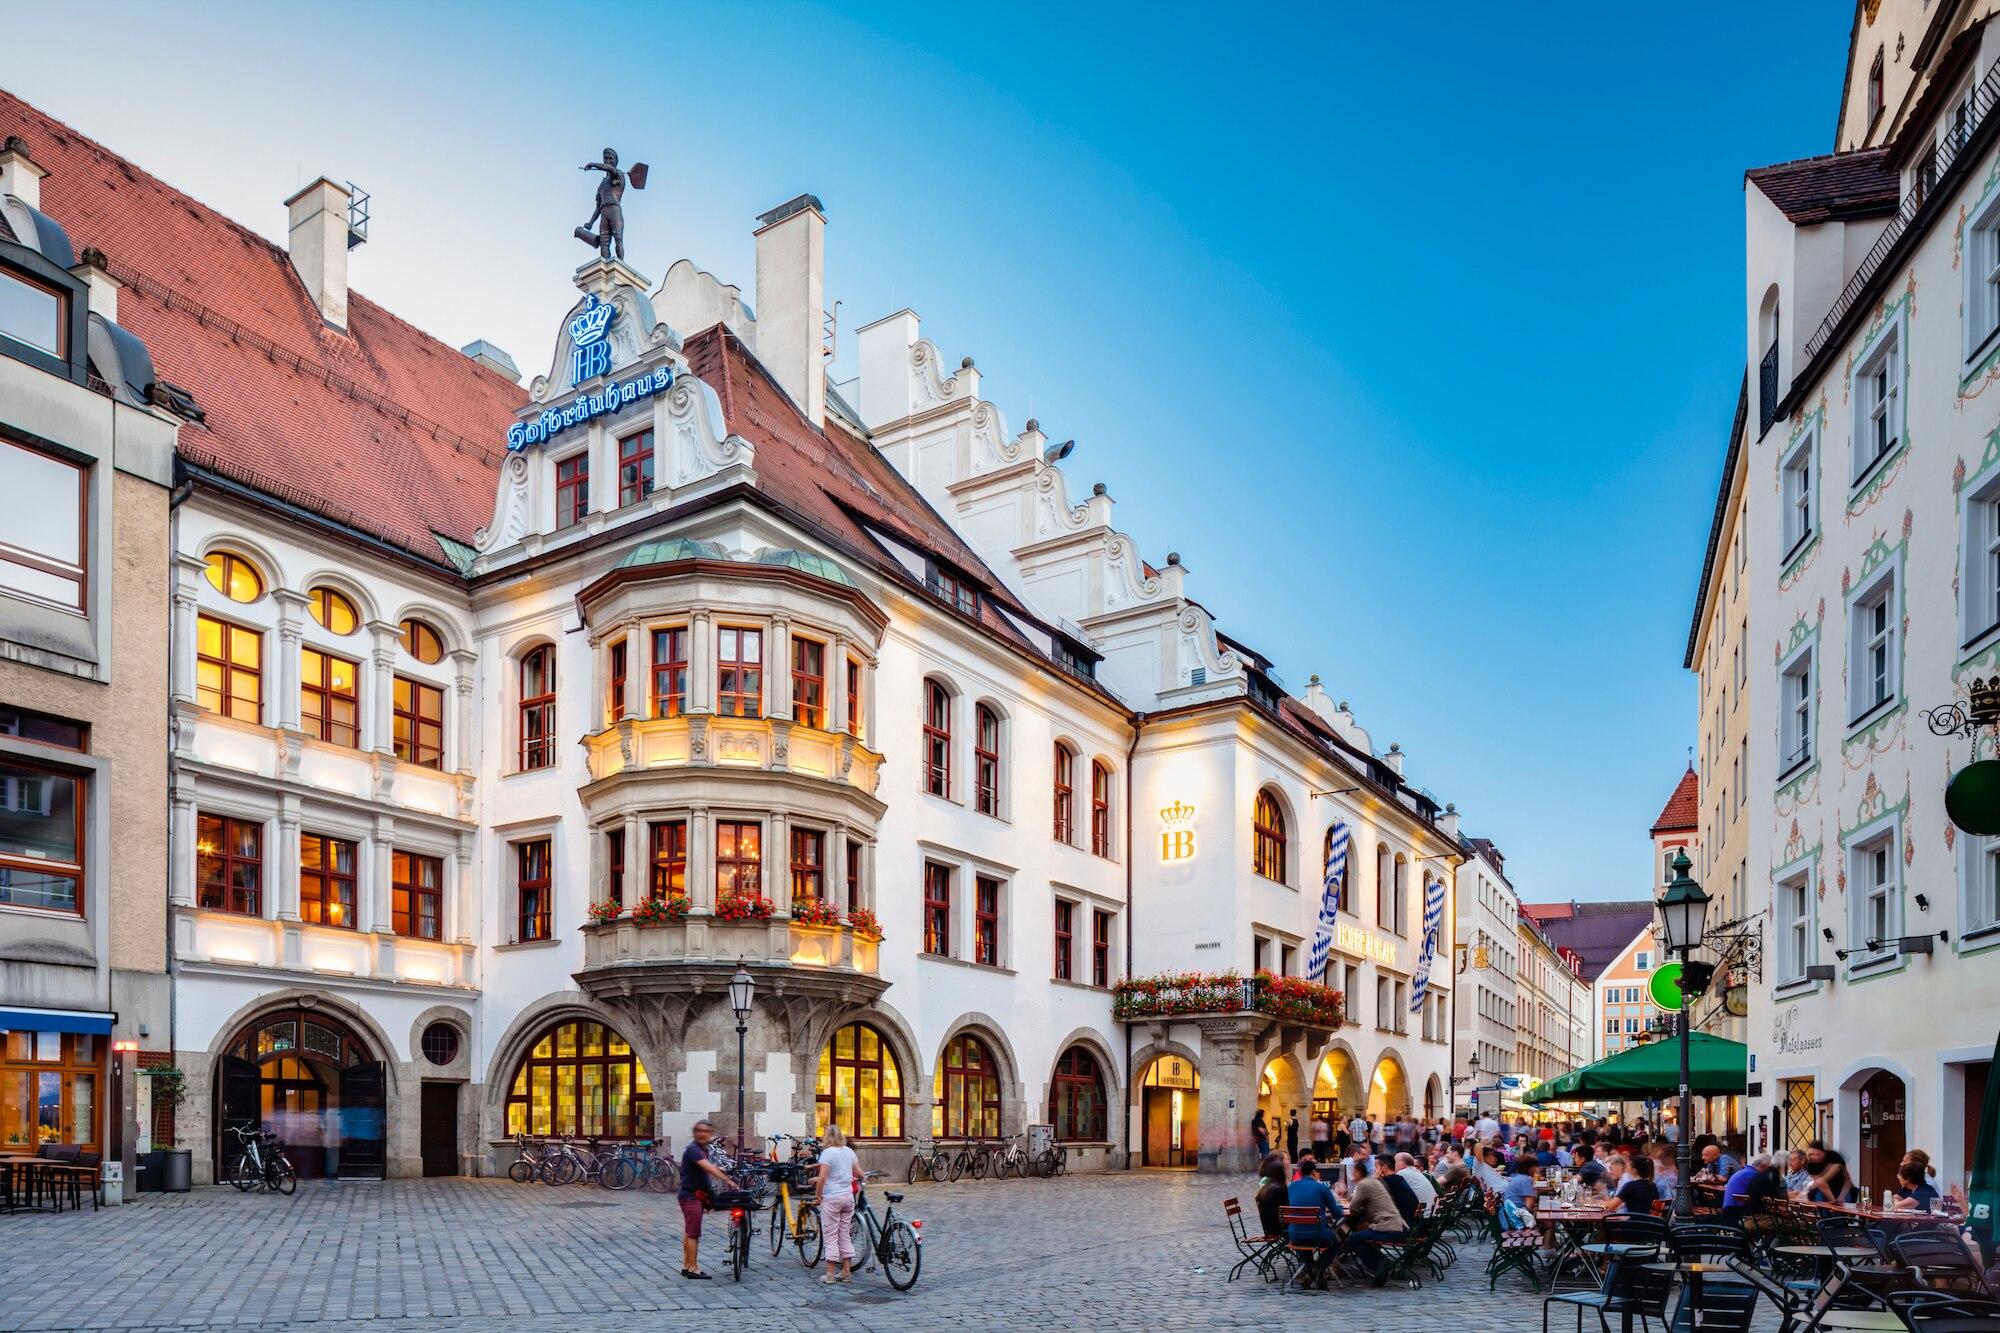 München ist auf Platz 4 der familienfreundlichsten Städte